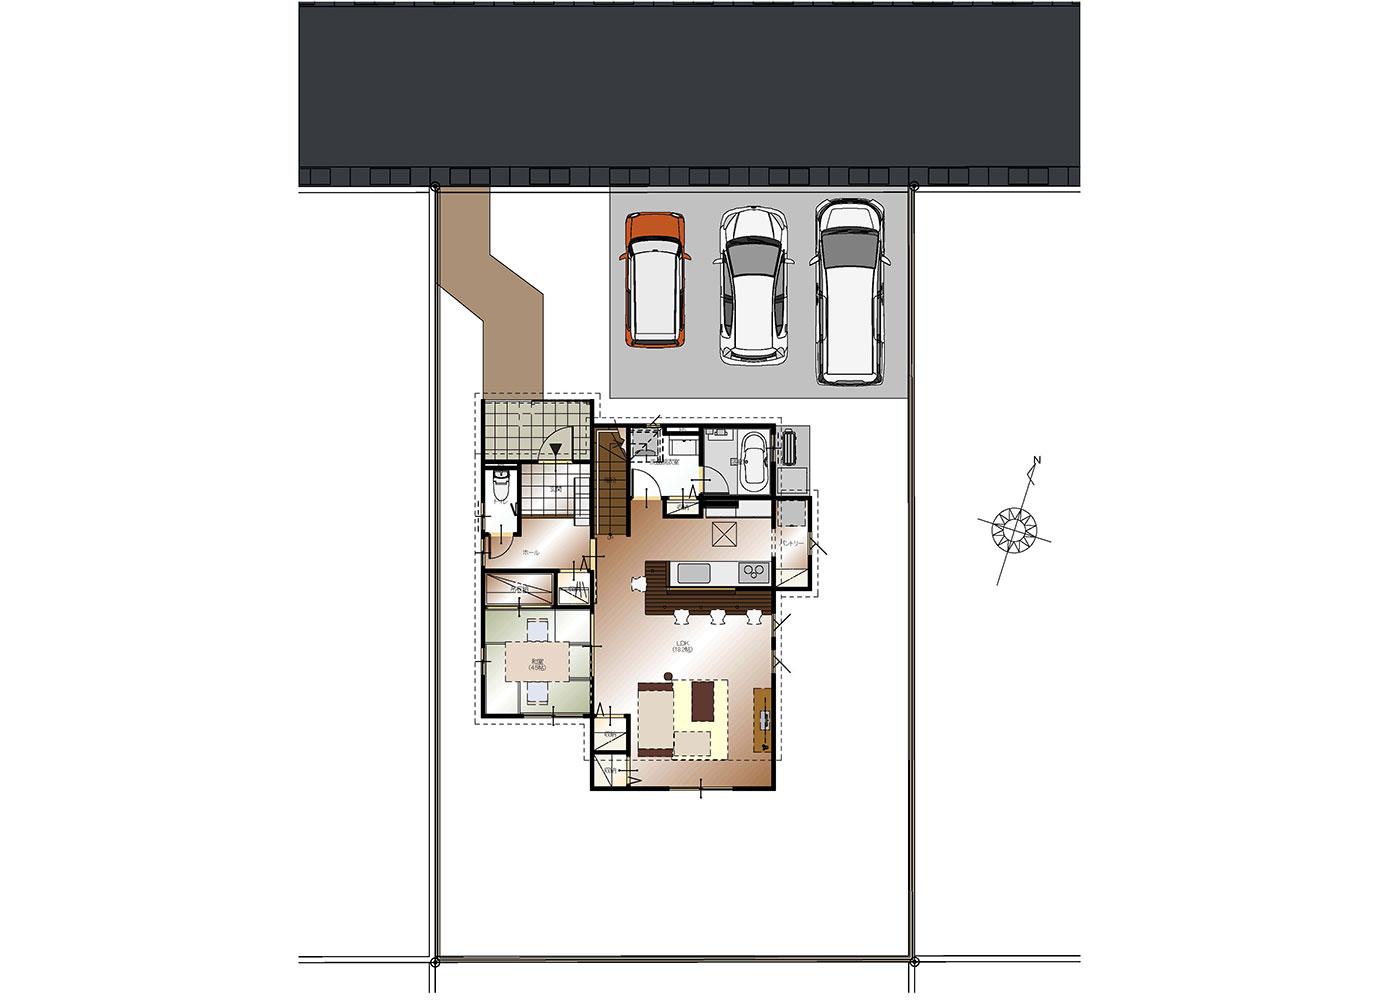 甲府市上今井町B13号棟 建売住宅 配置図